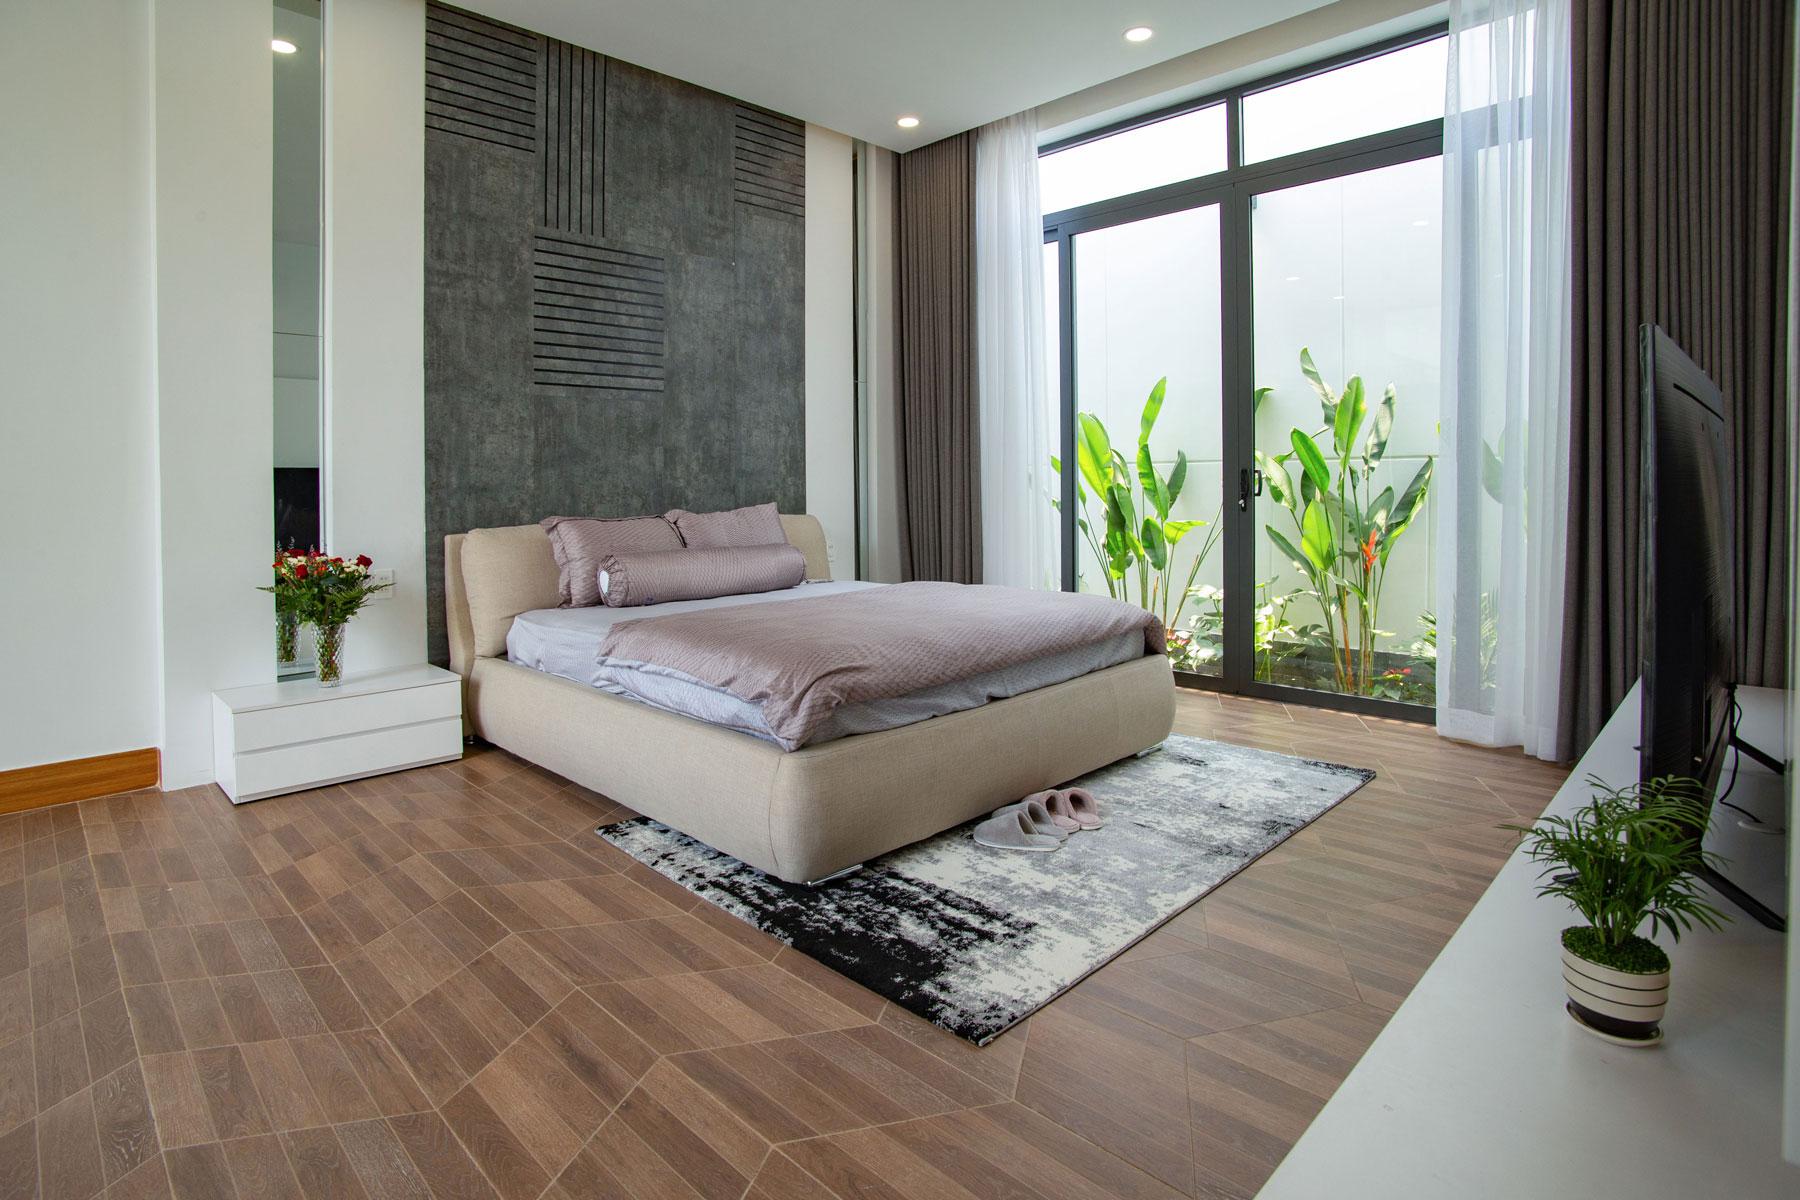 phong ngu Biệt thự vườn nhà 1 tầng hiện đại 8x19m kiểu phương Tây không gian mở ở Biên Hòa